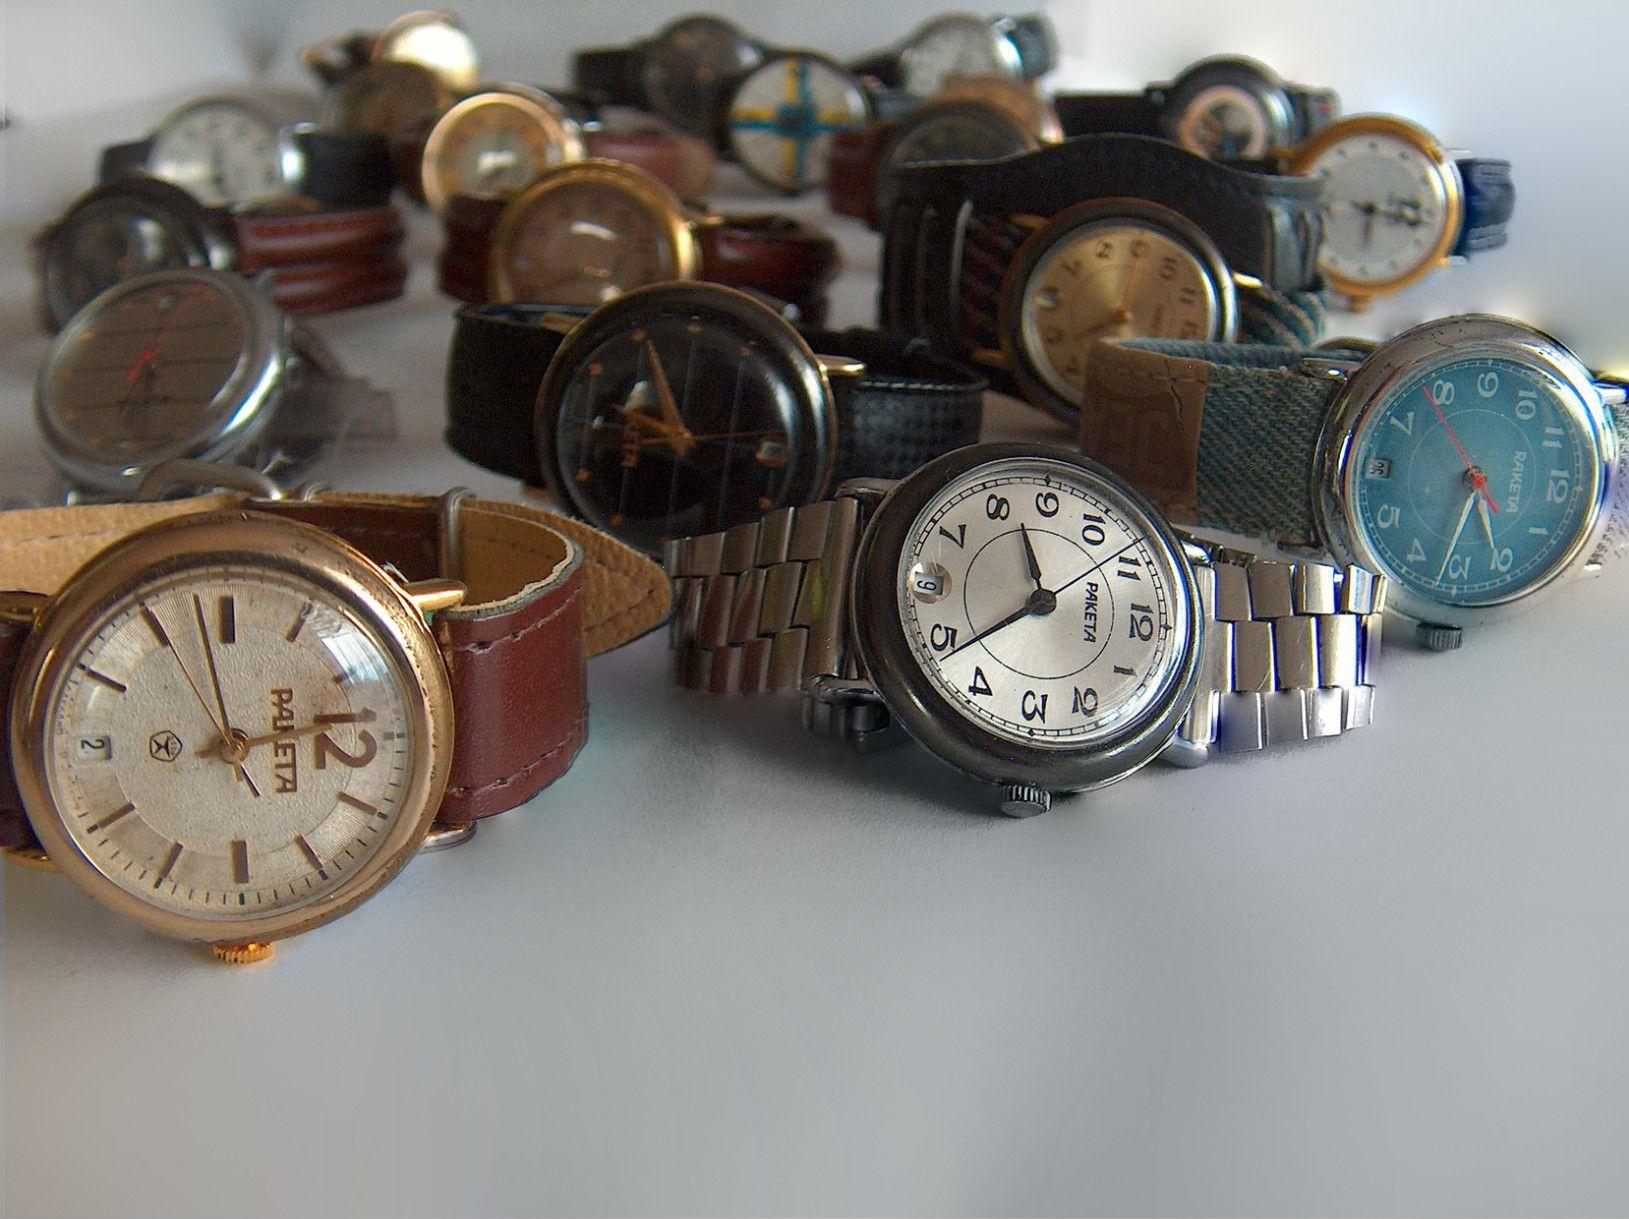 raketa watches owned by enkil